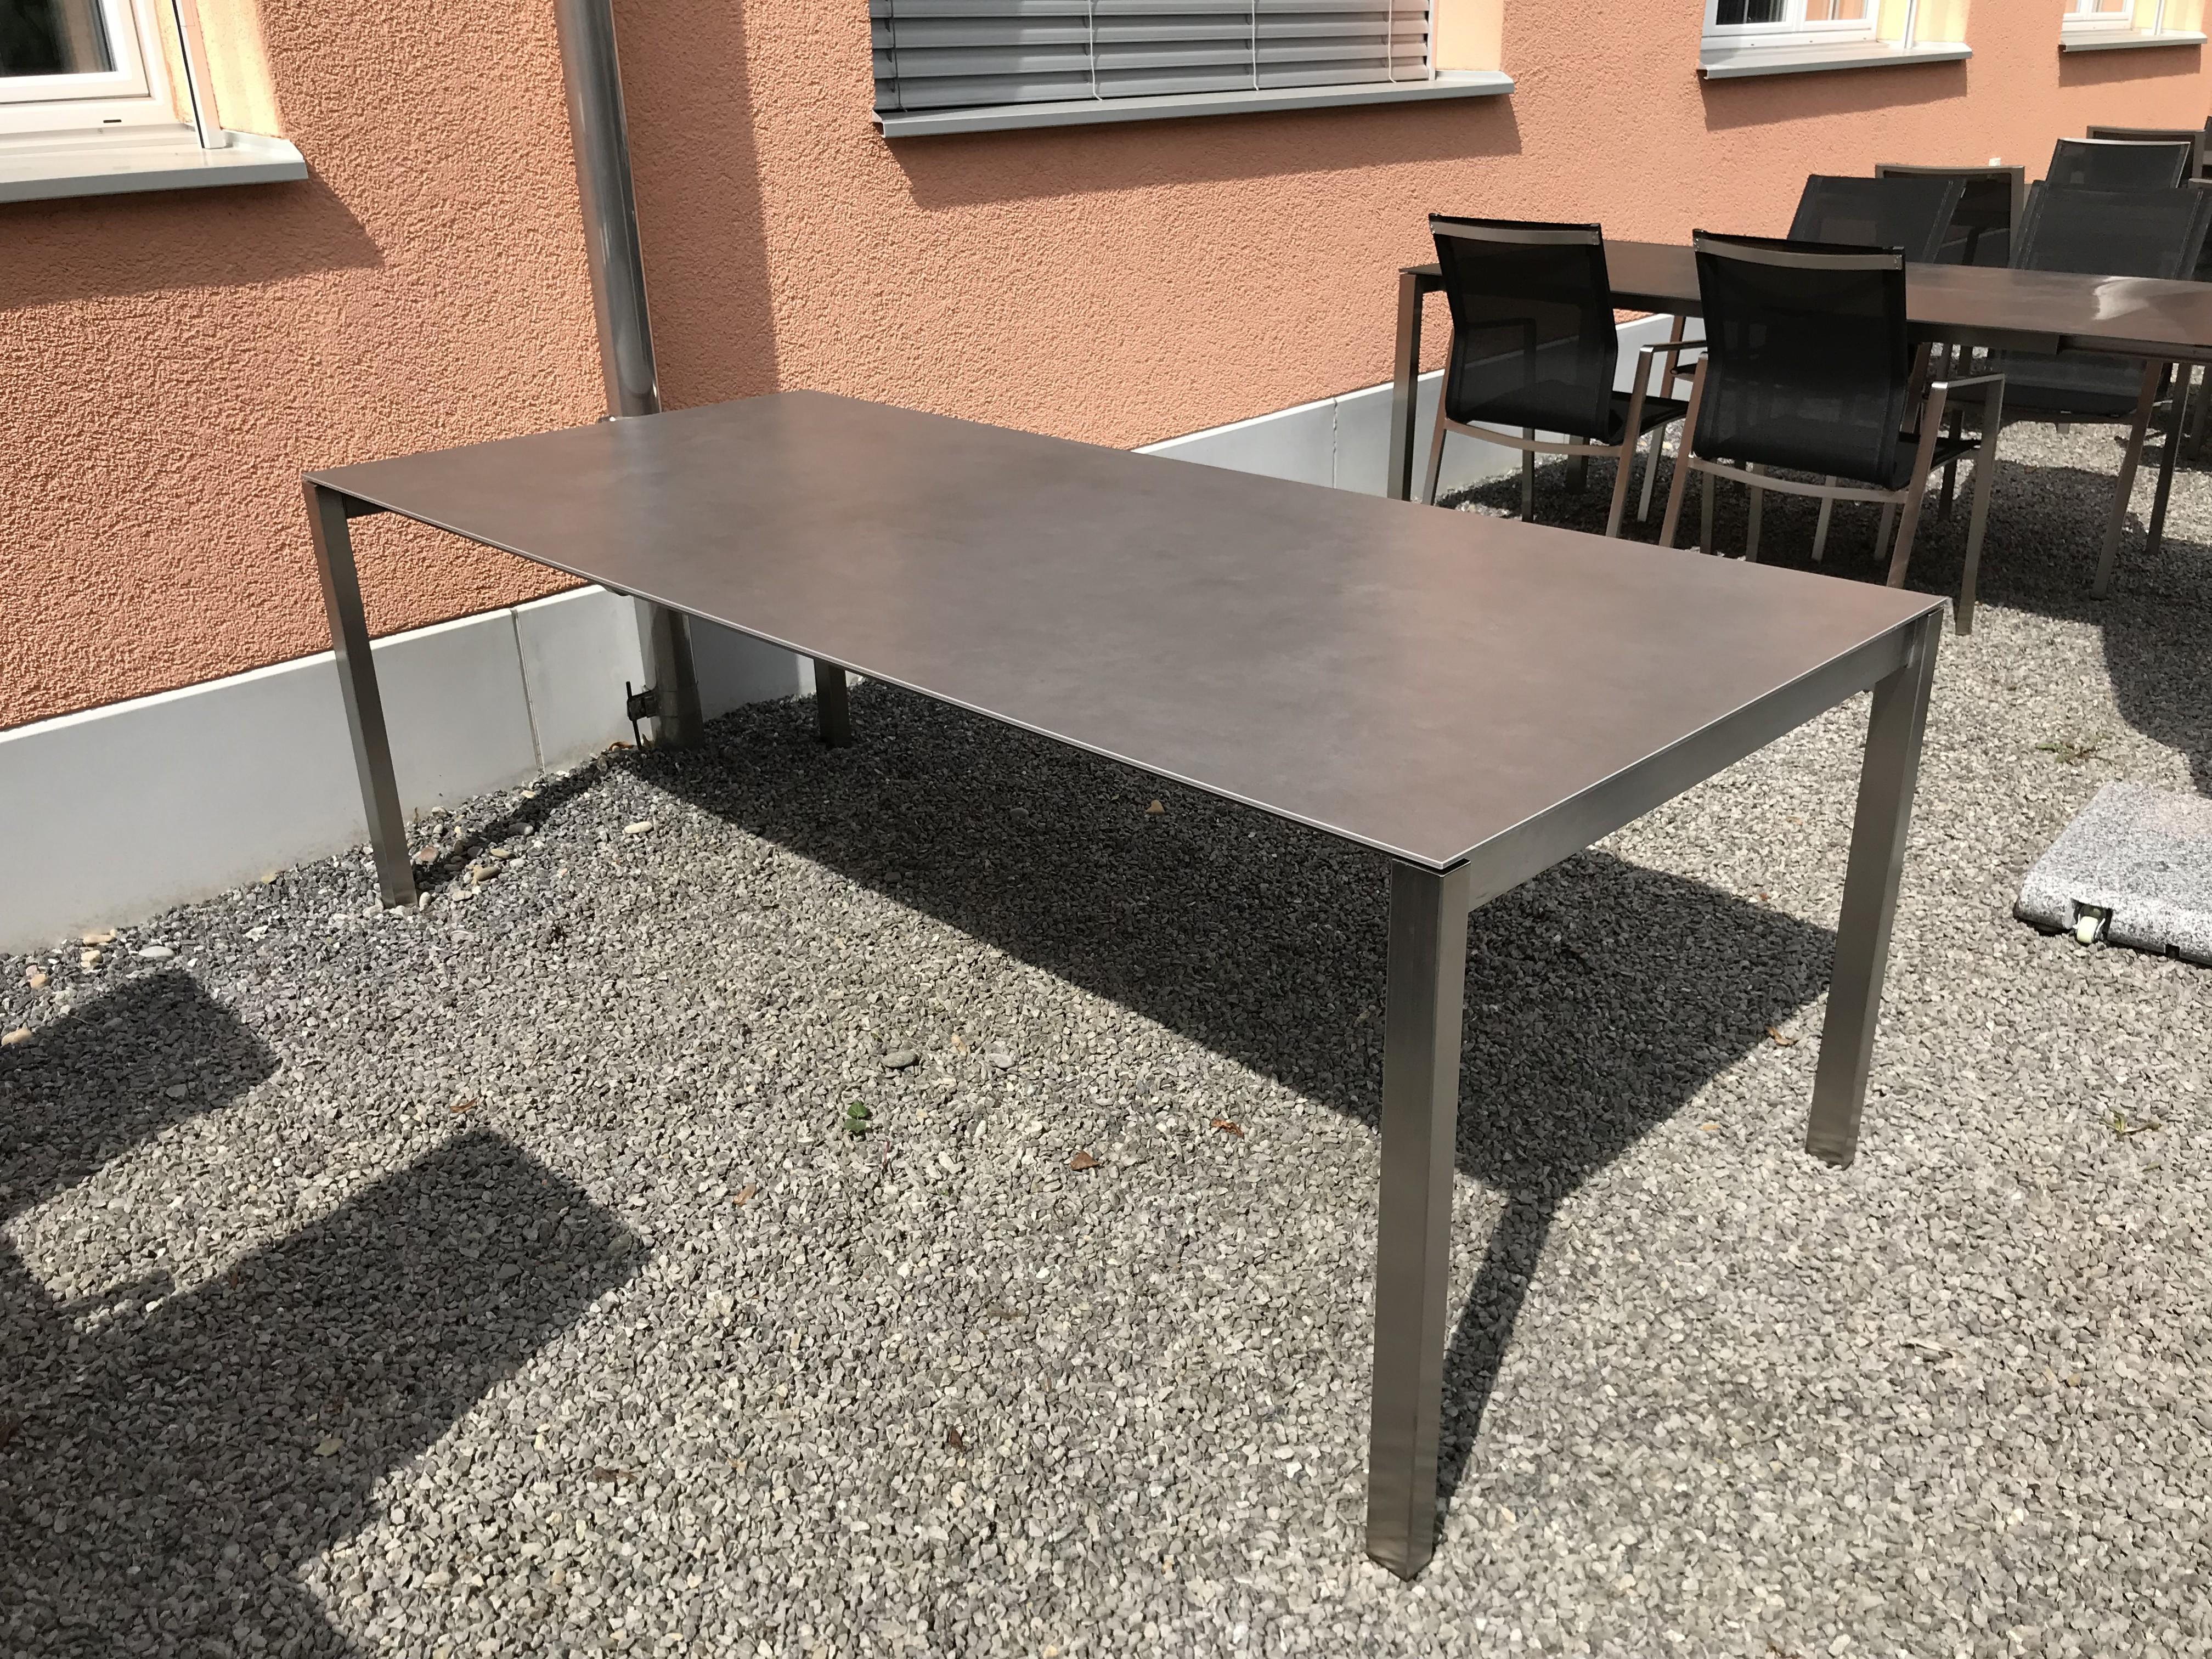 Auszugstisch Mano 210 - 330cm Keramik Beton dunkel 09